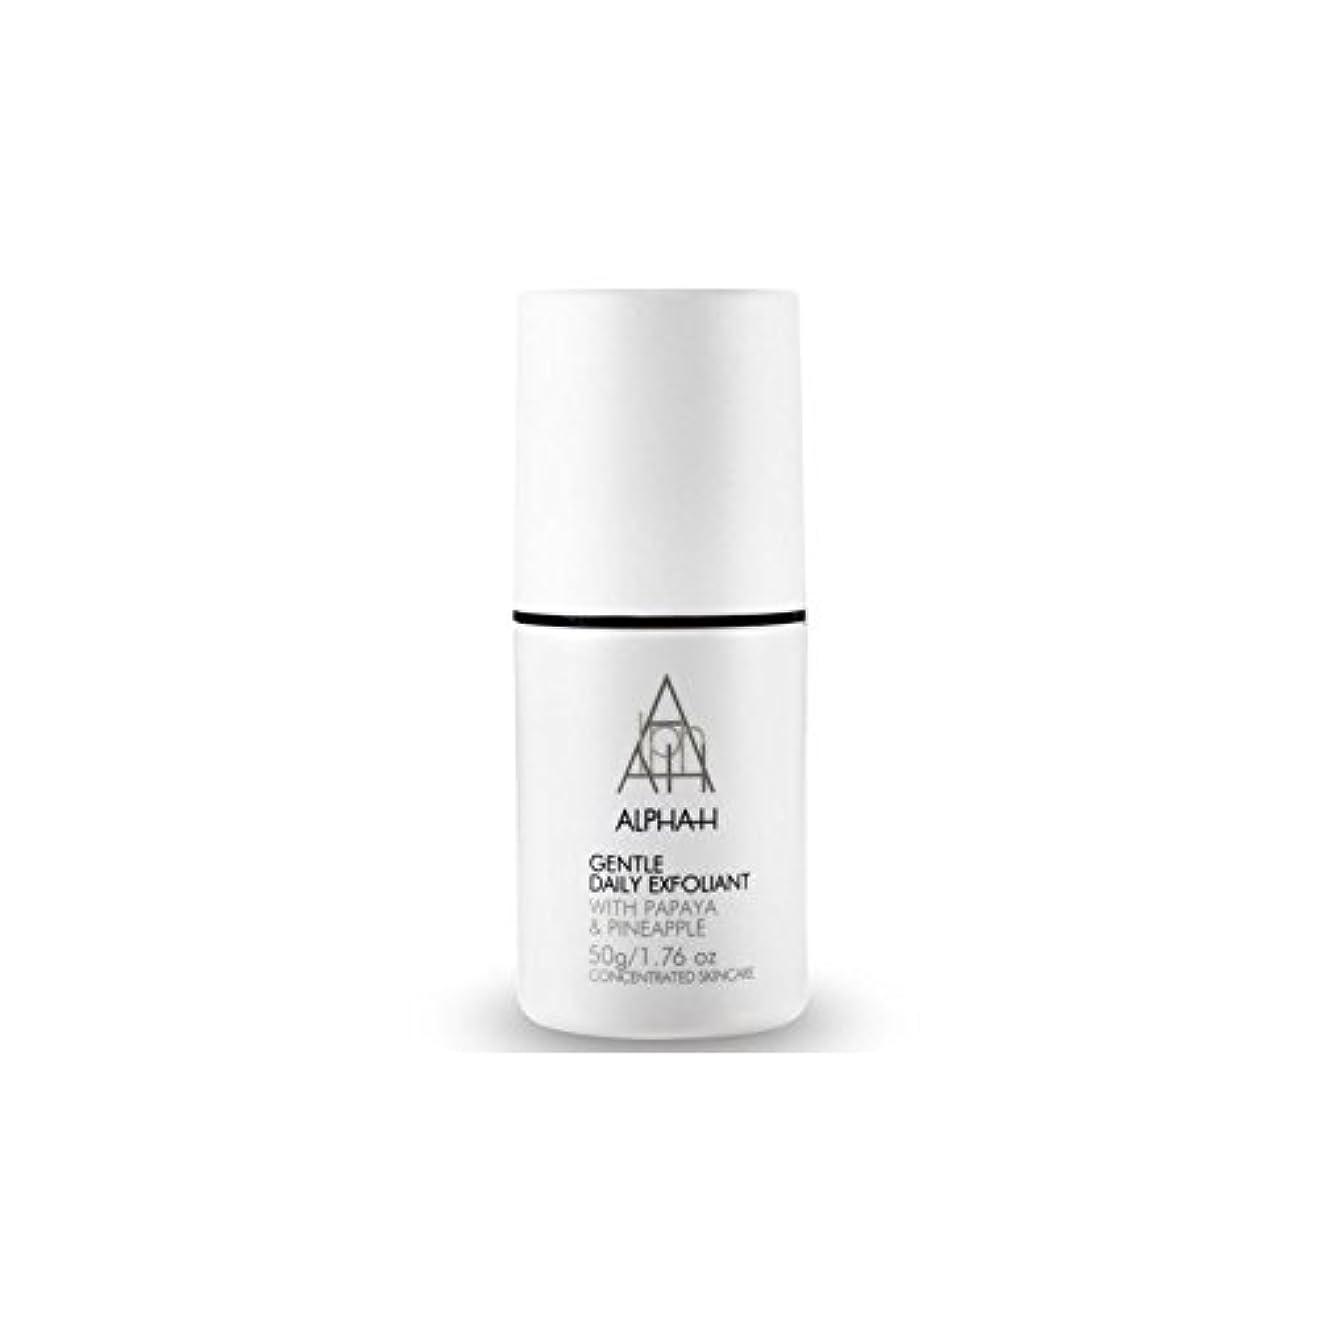 襟実現可能性高価なアルファ - 時間穏やか毎日の角質(50グラム) x4 - Alpha-H Gentle Daily Exfoliant (50G) (Pack of 4) [並行輸入品]